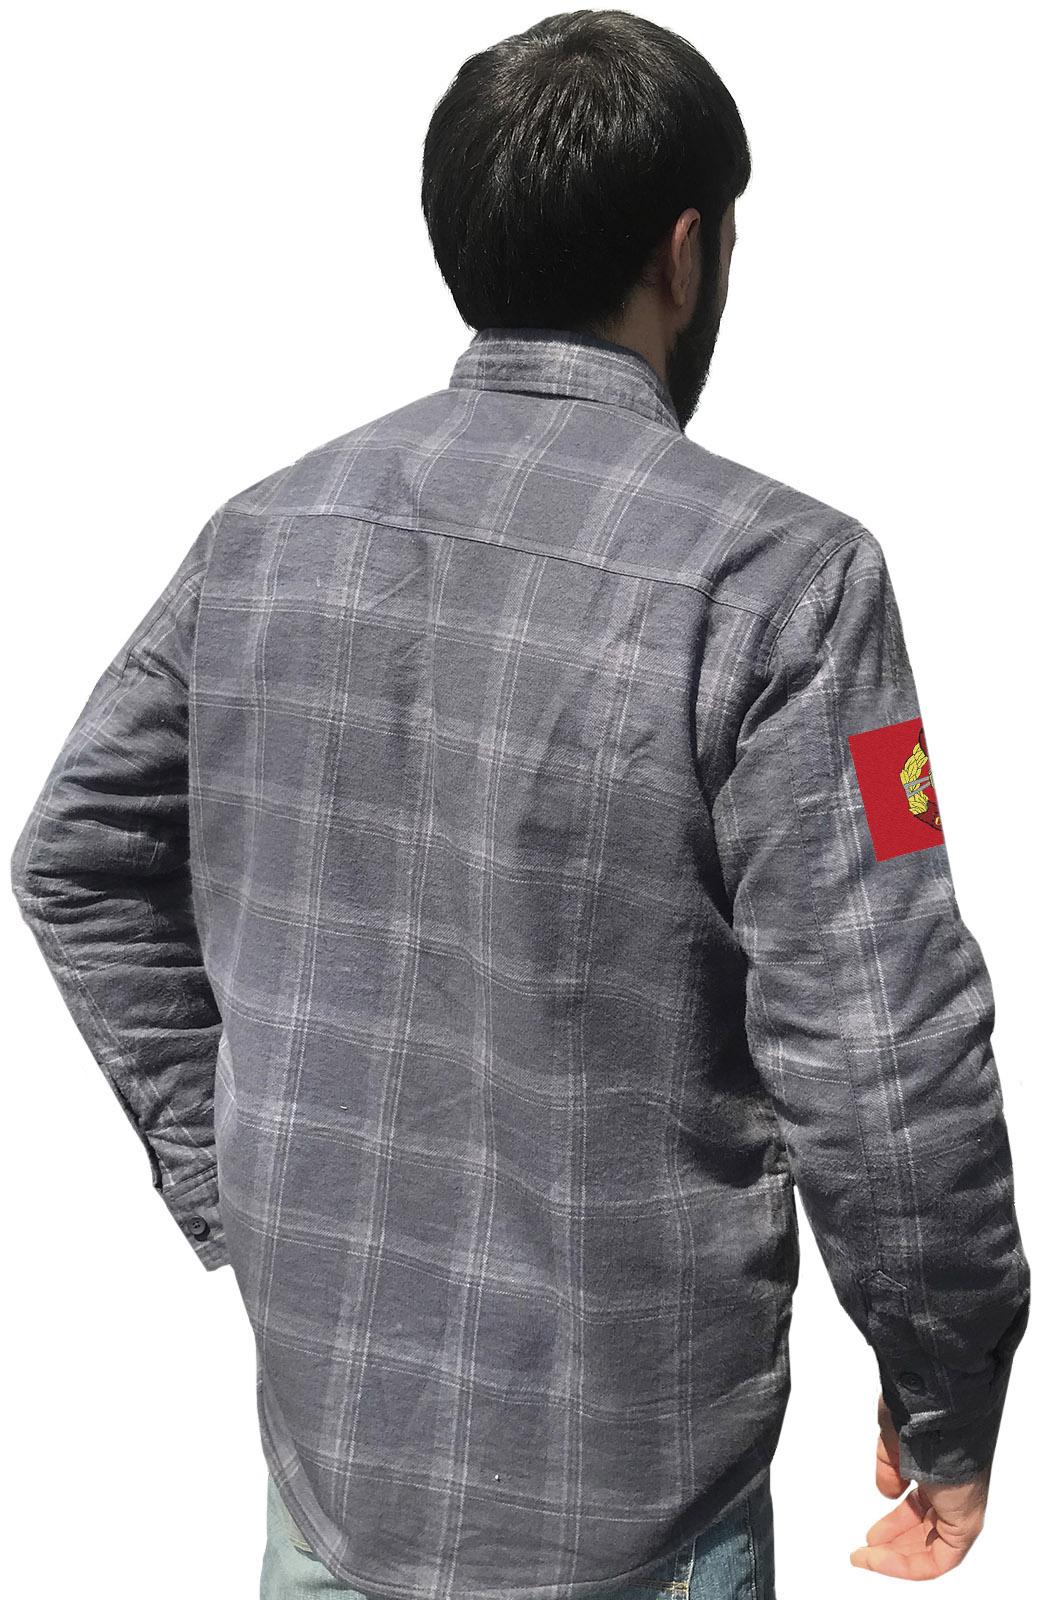 Купить фирменную клетчатую рубашку с вышитым шевроном Спецназ ВВ РФ в подарок любимому